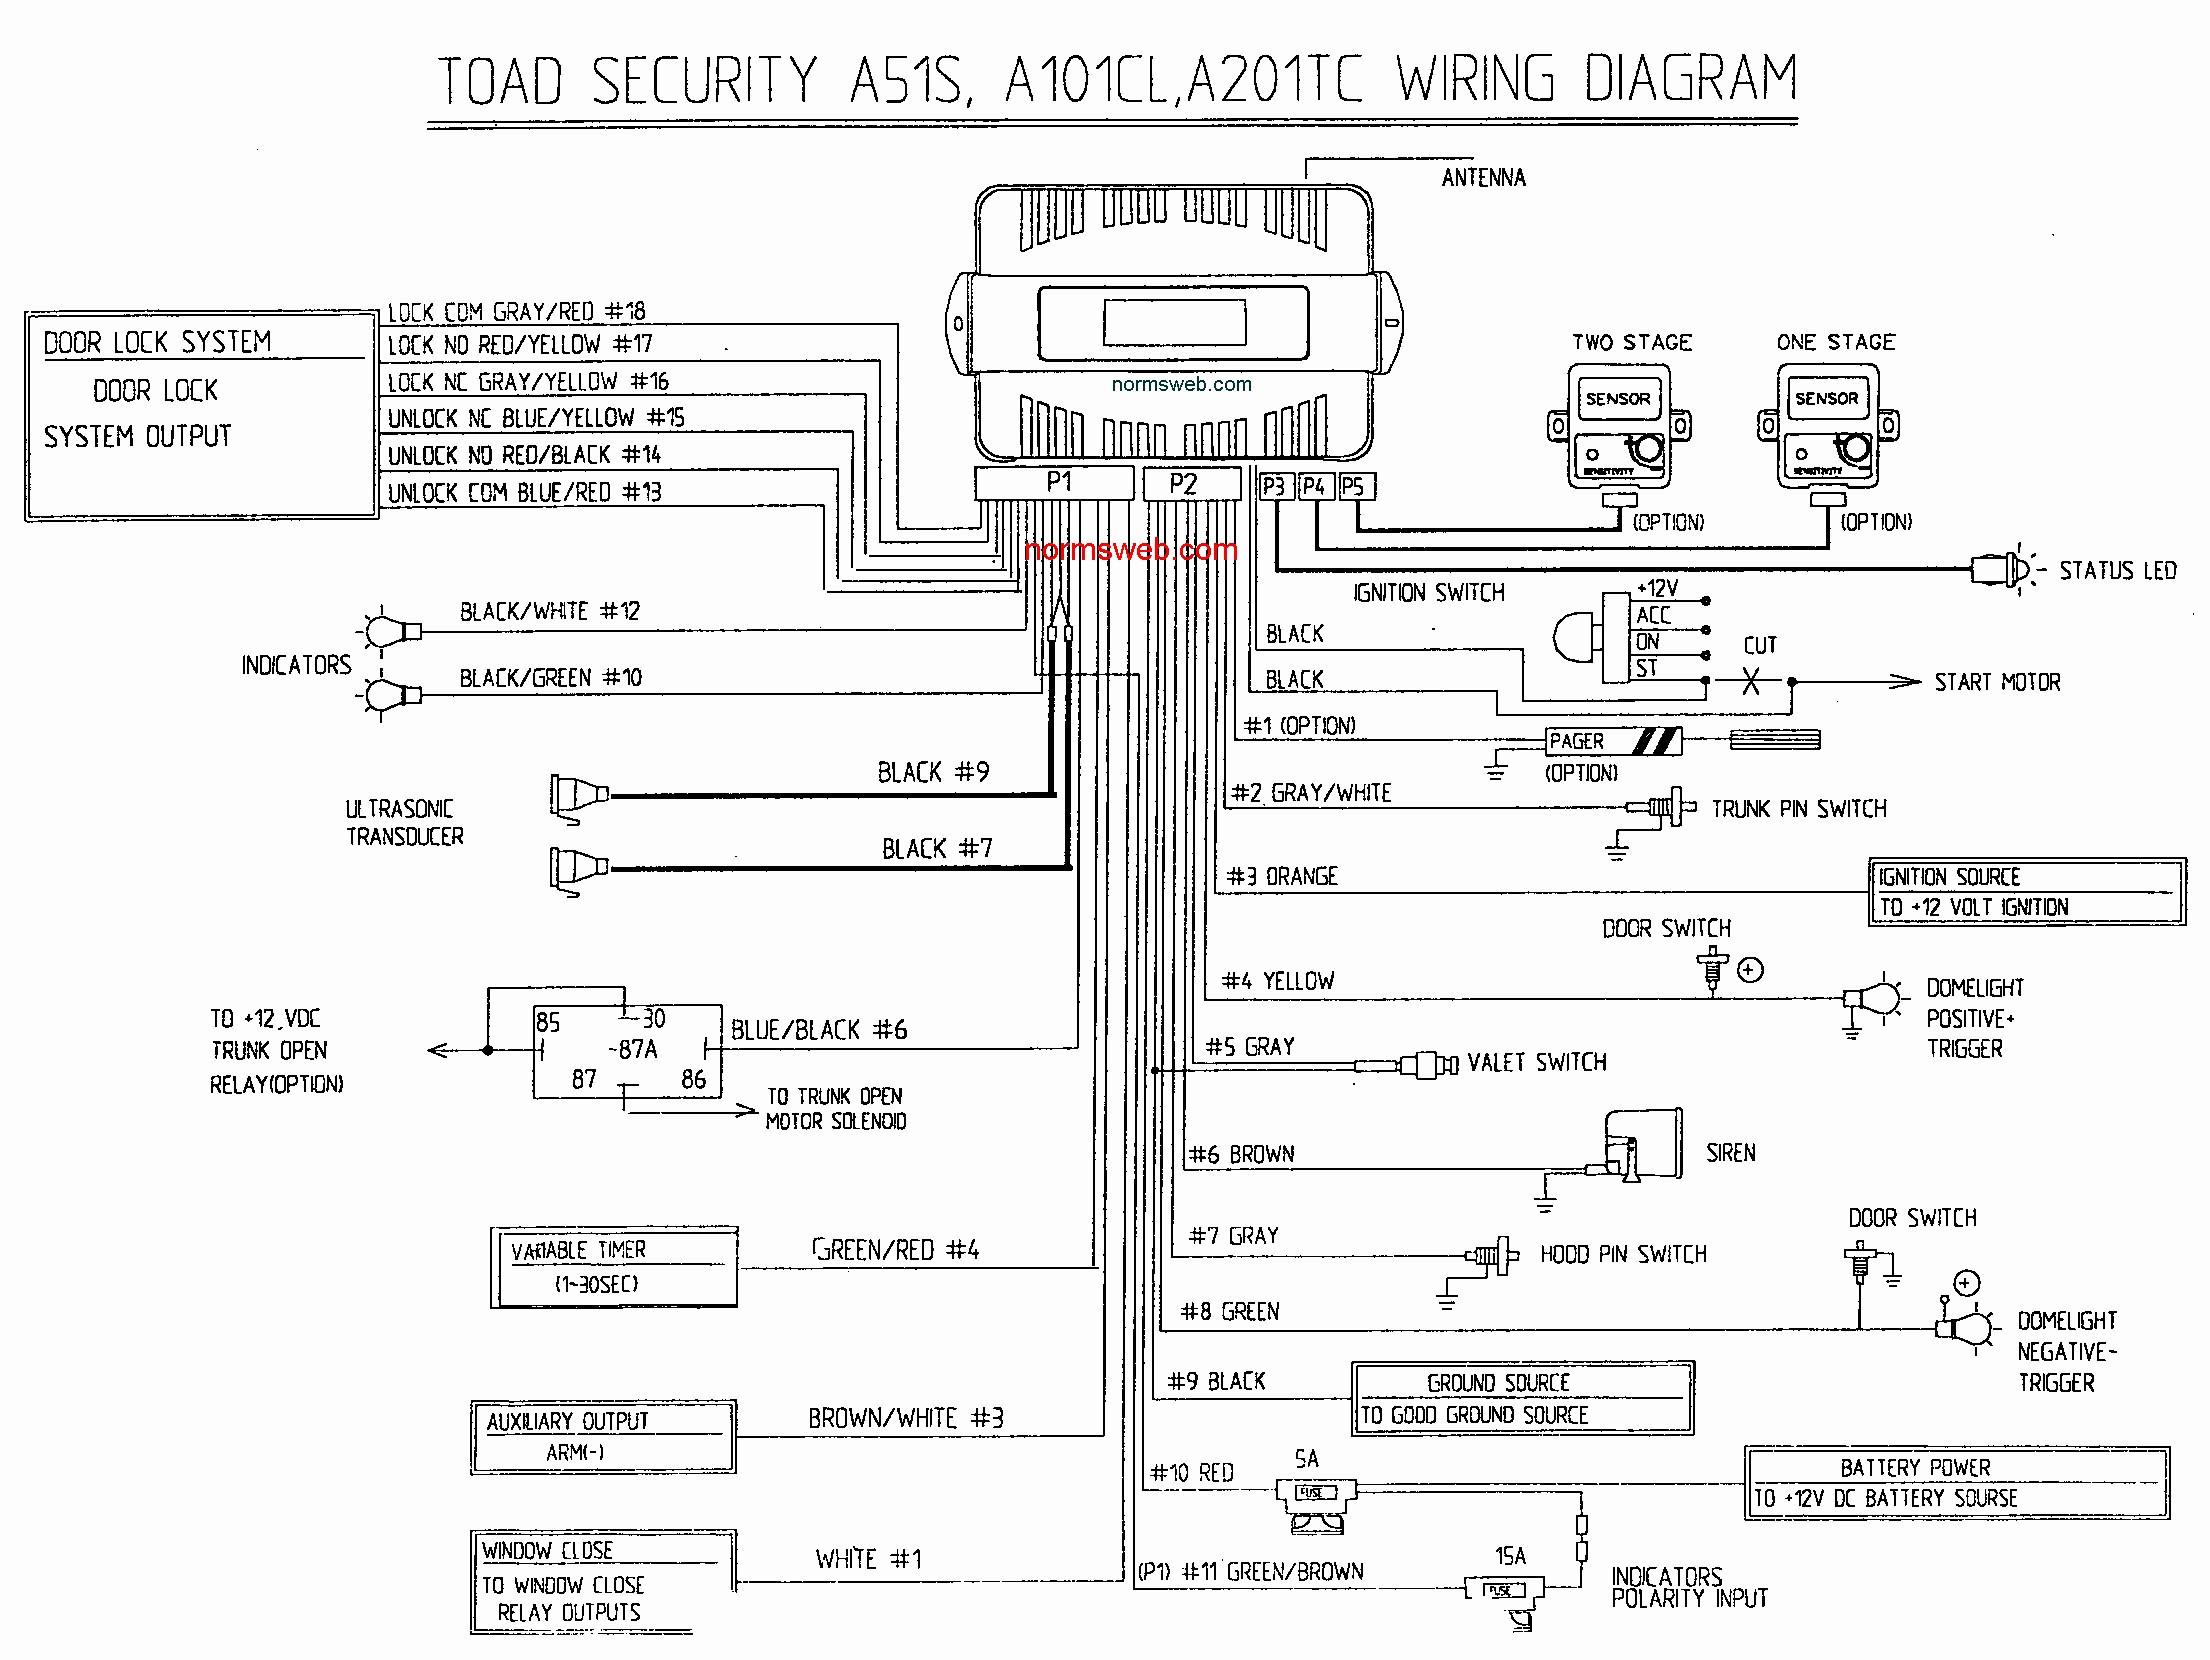 bulldog wiring diagrams repair machine Bulldog Security Vehicle Diagram